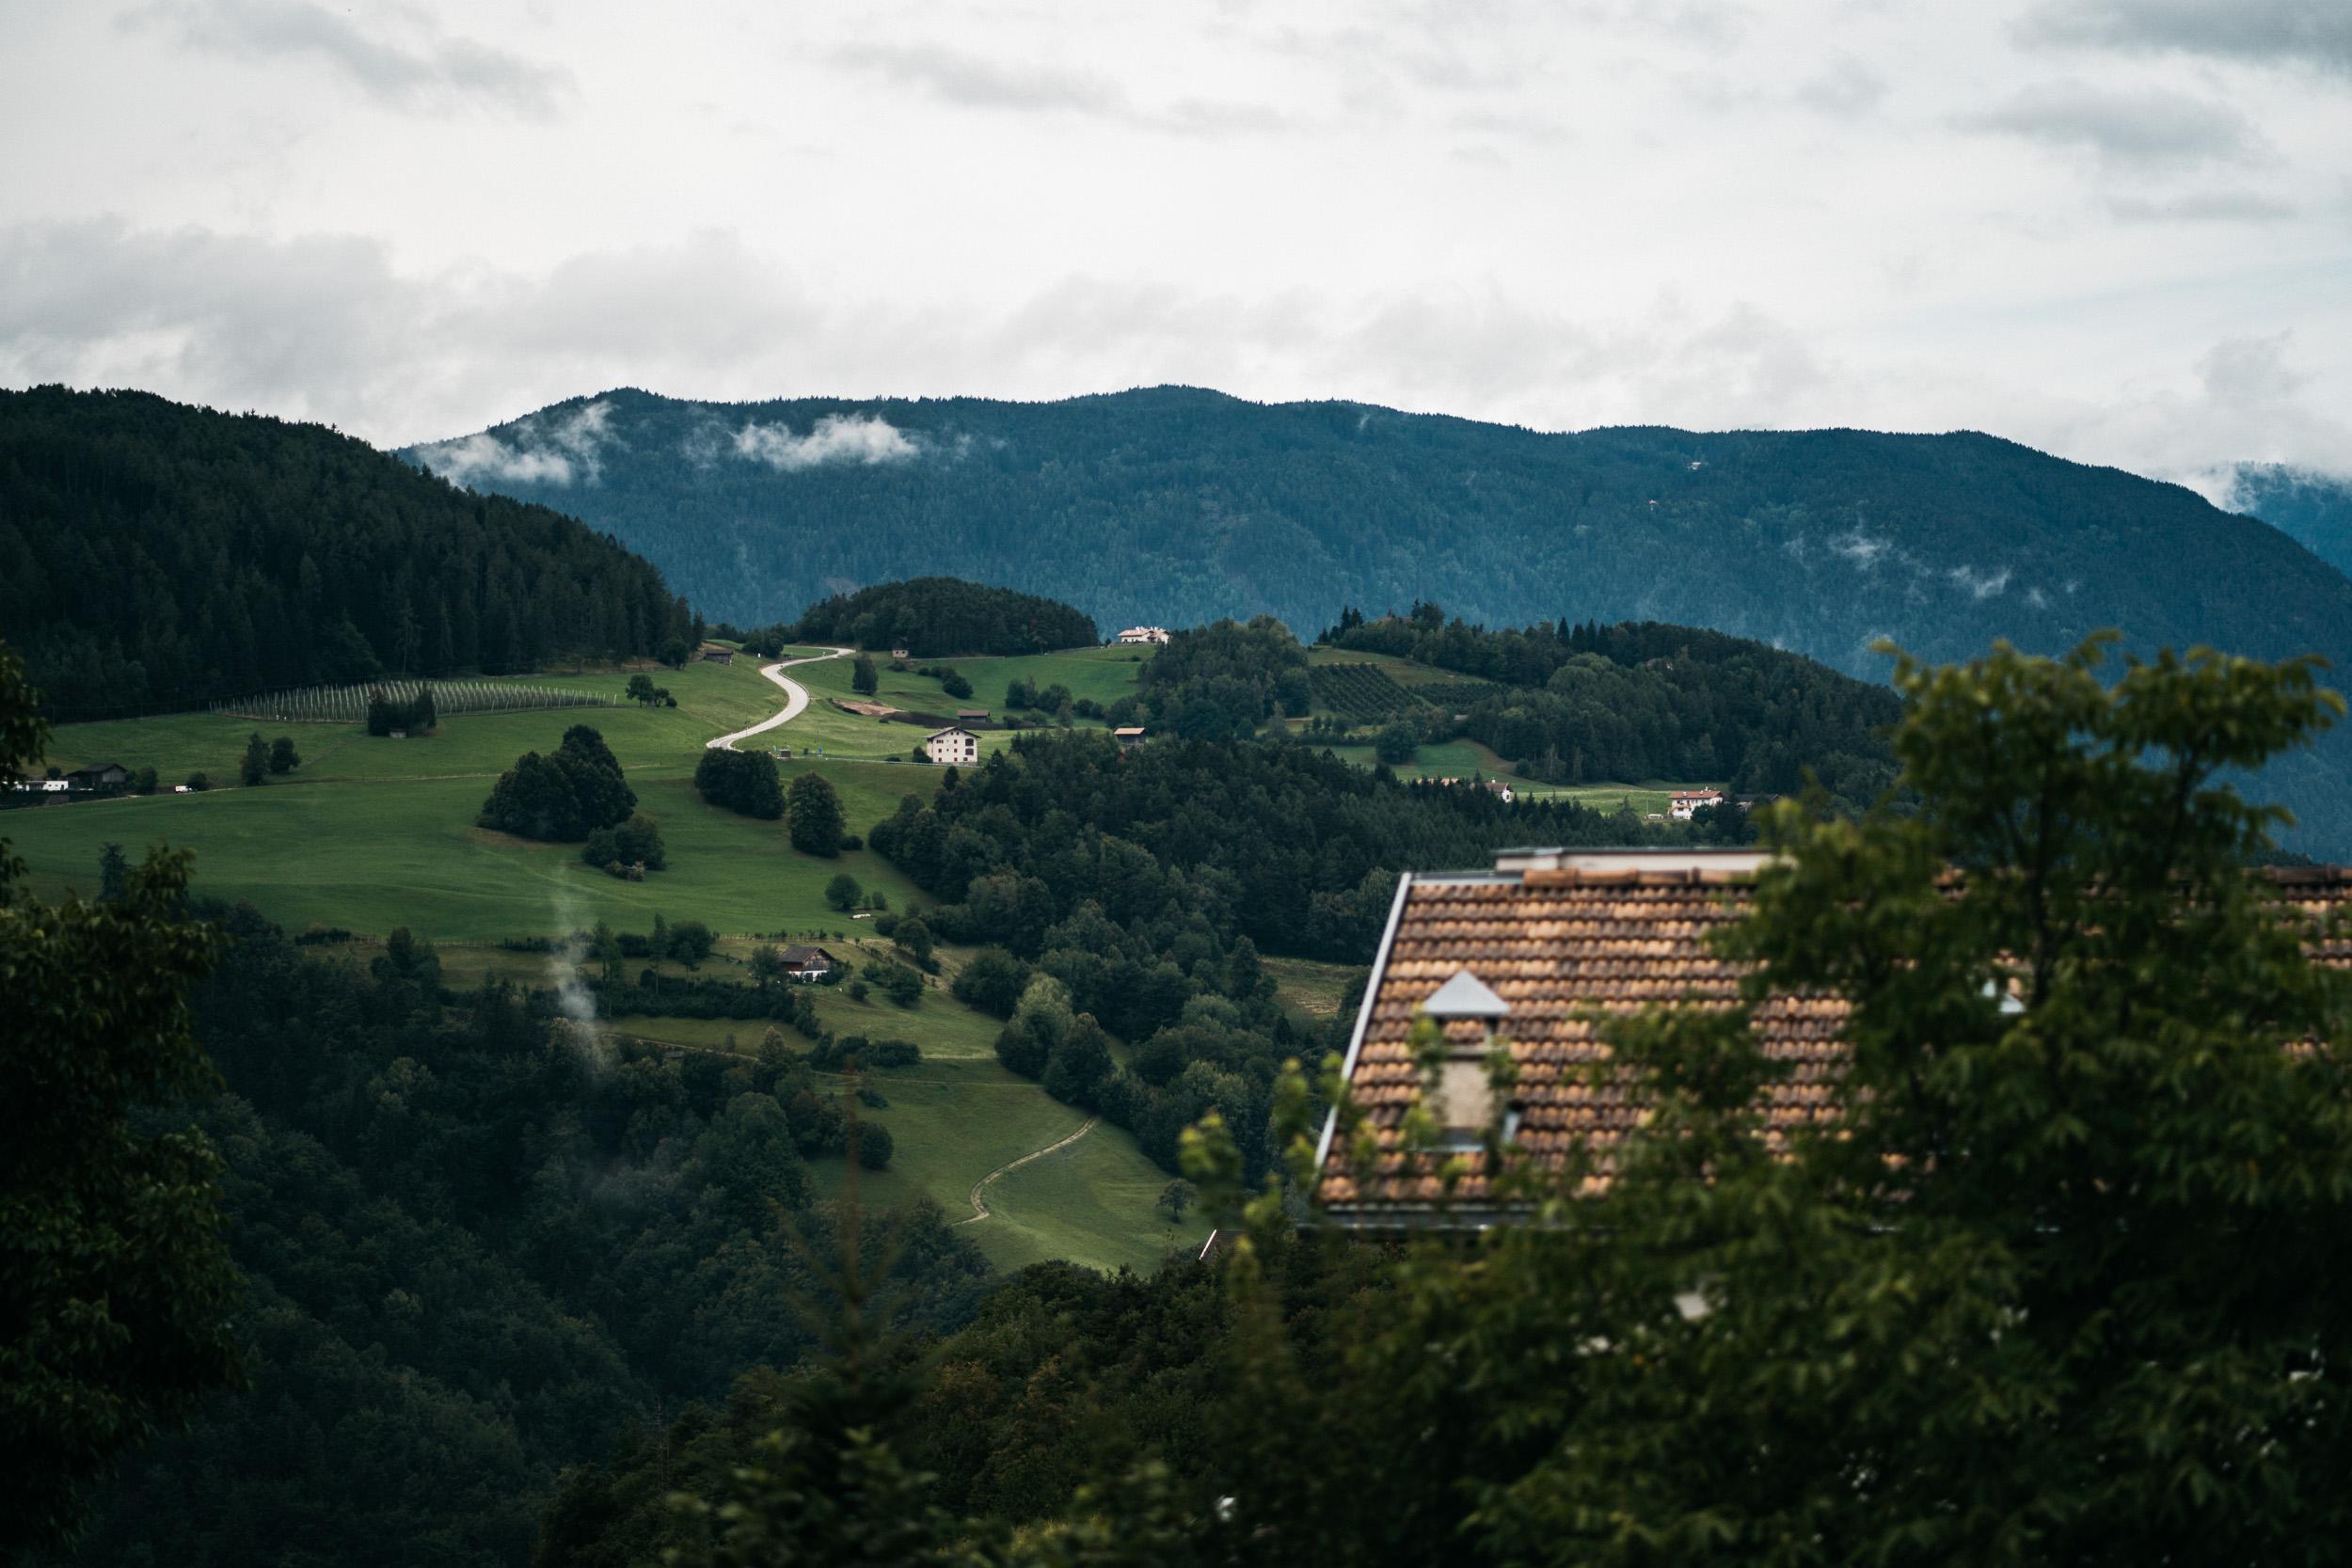 hochzeit südtirol 01 - Südtirol Schloss Prösels